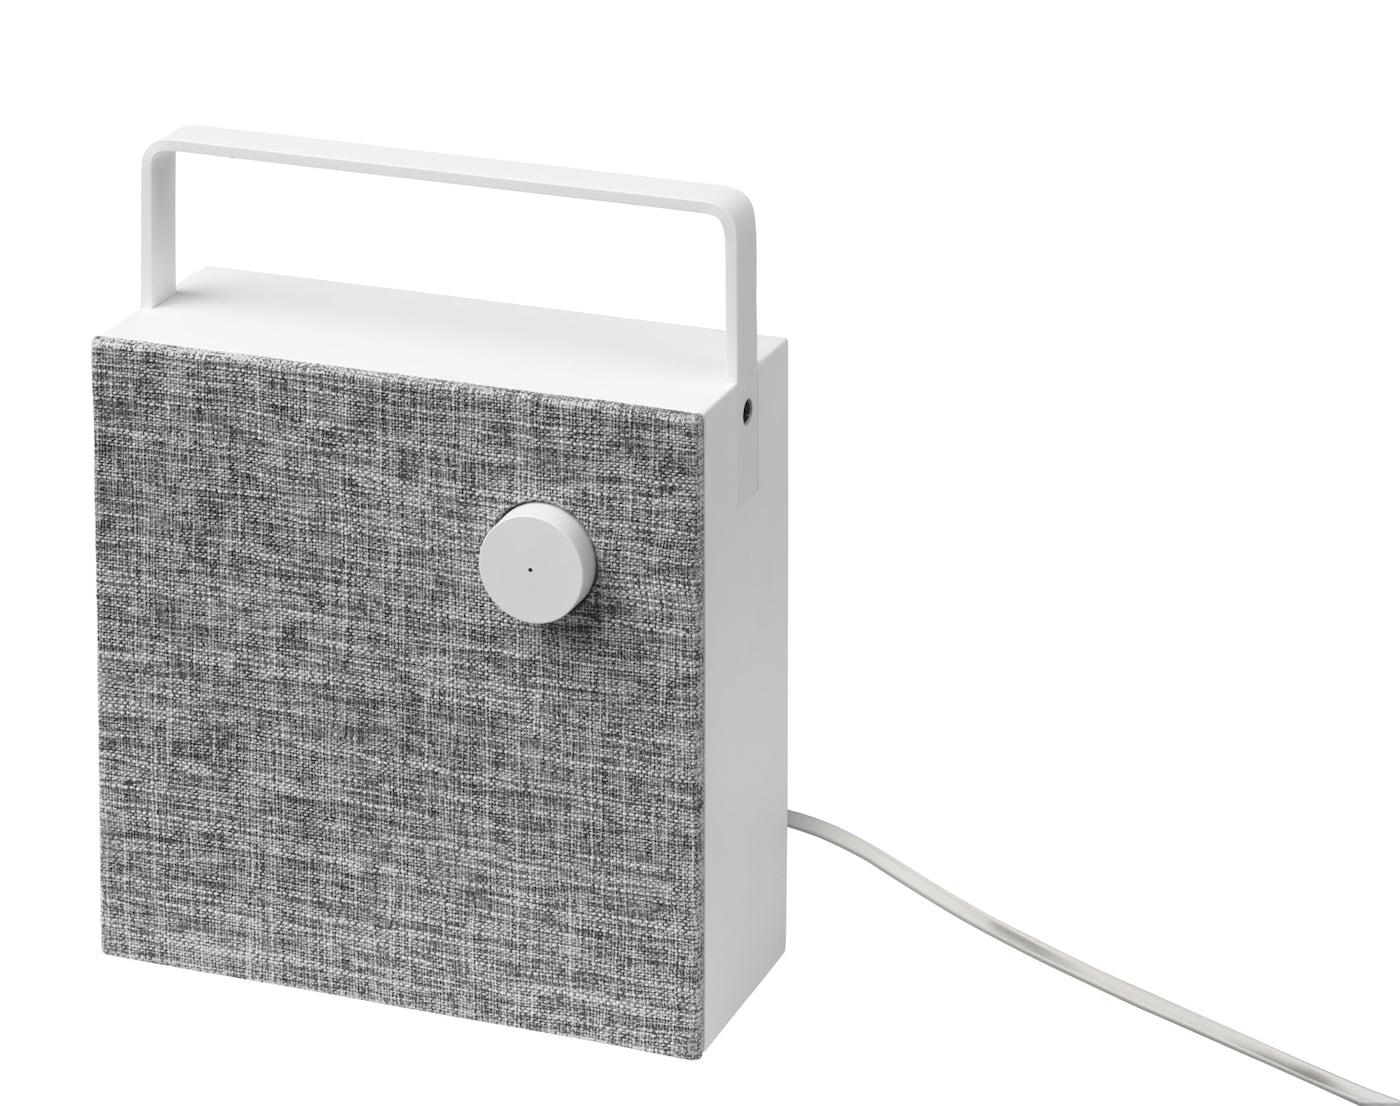 ENEBY Bluetooth Lautsprecher vor weißem Hintergrund.